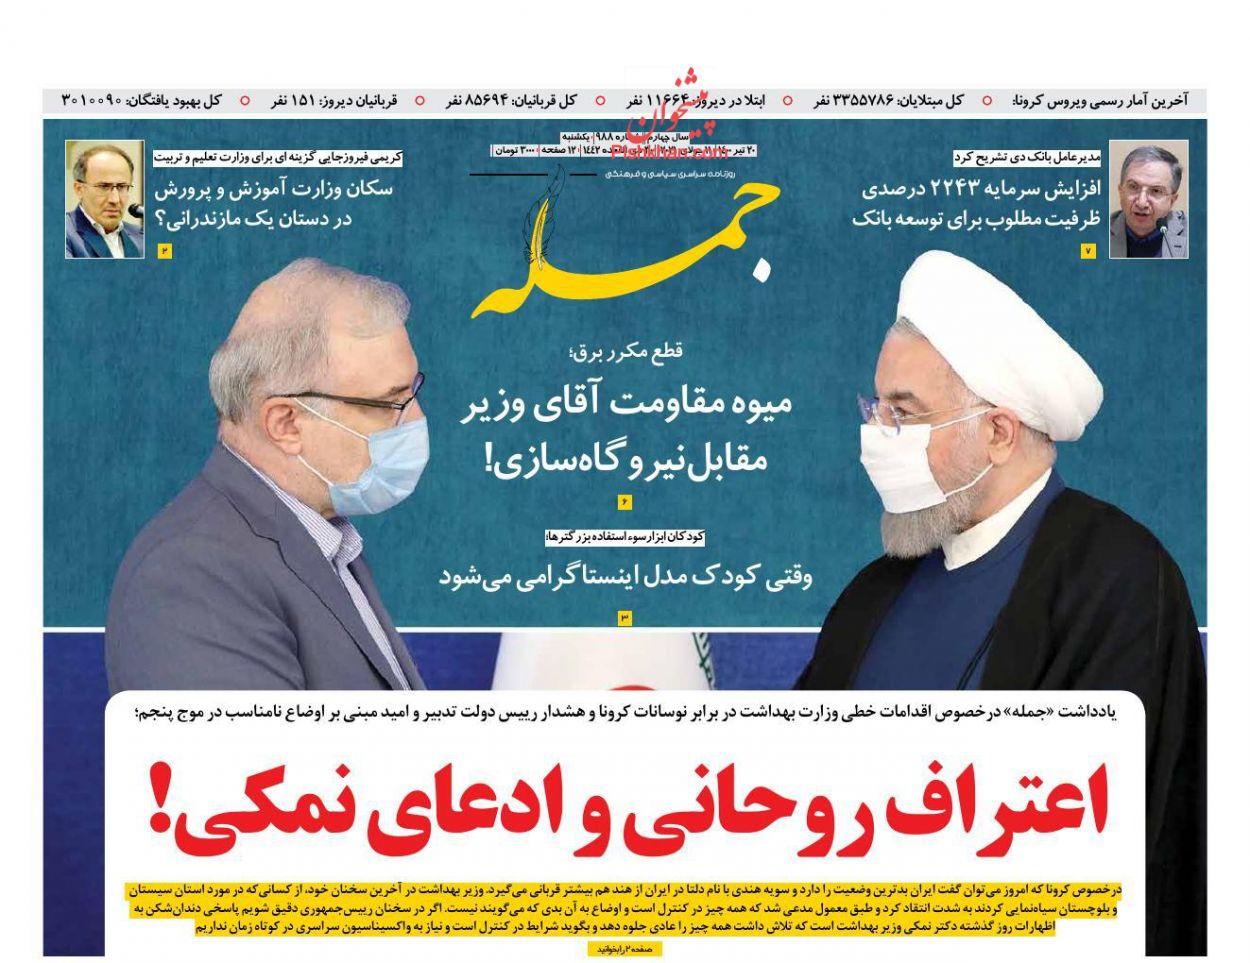 عناوین اخبار روزنامه جمله در روز یکشنبه ۲۰ تیر